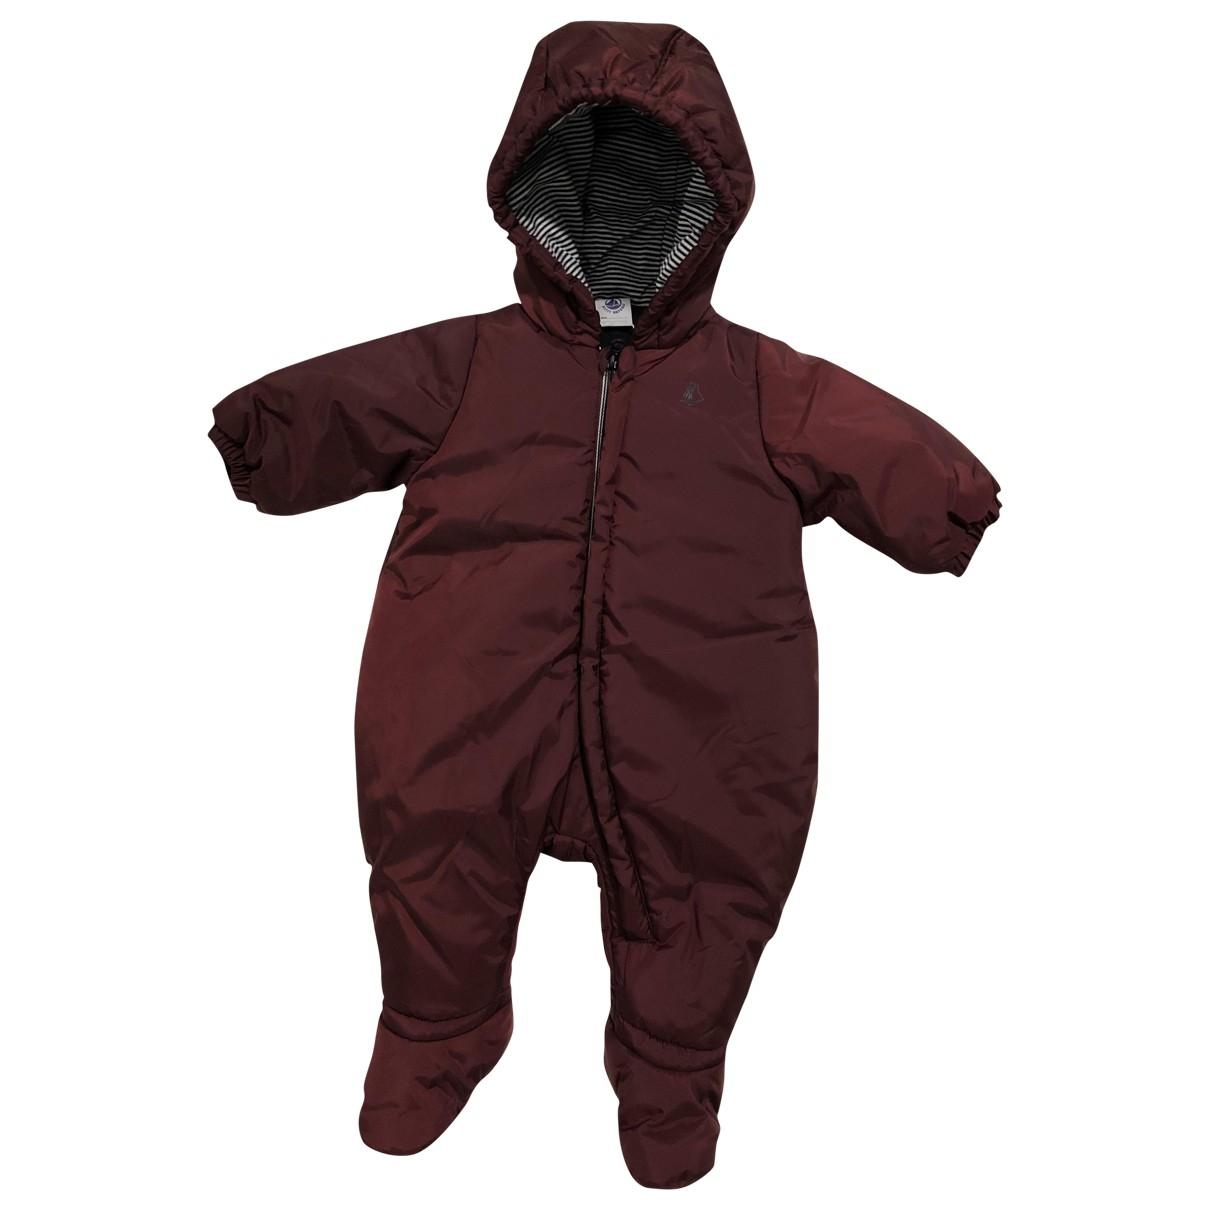 Petit Bateau \N Burgundy jacket & coat for Kids 3 months - up to 60cm FR